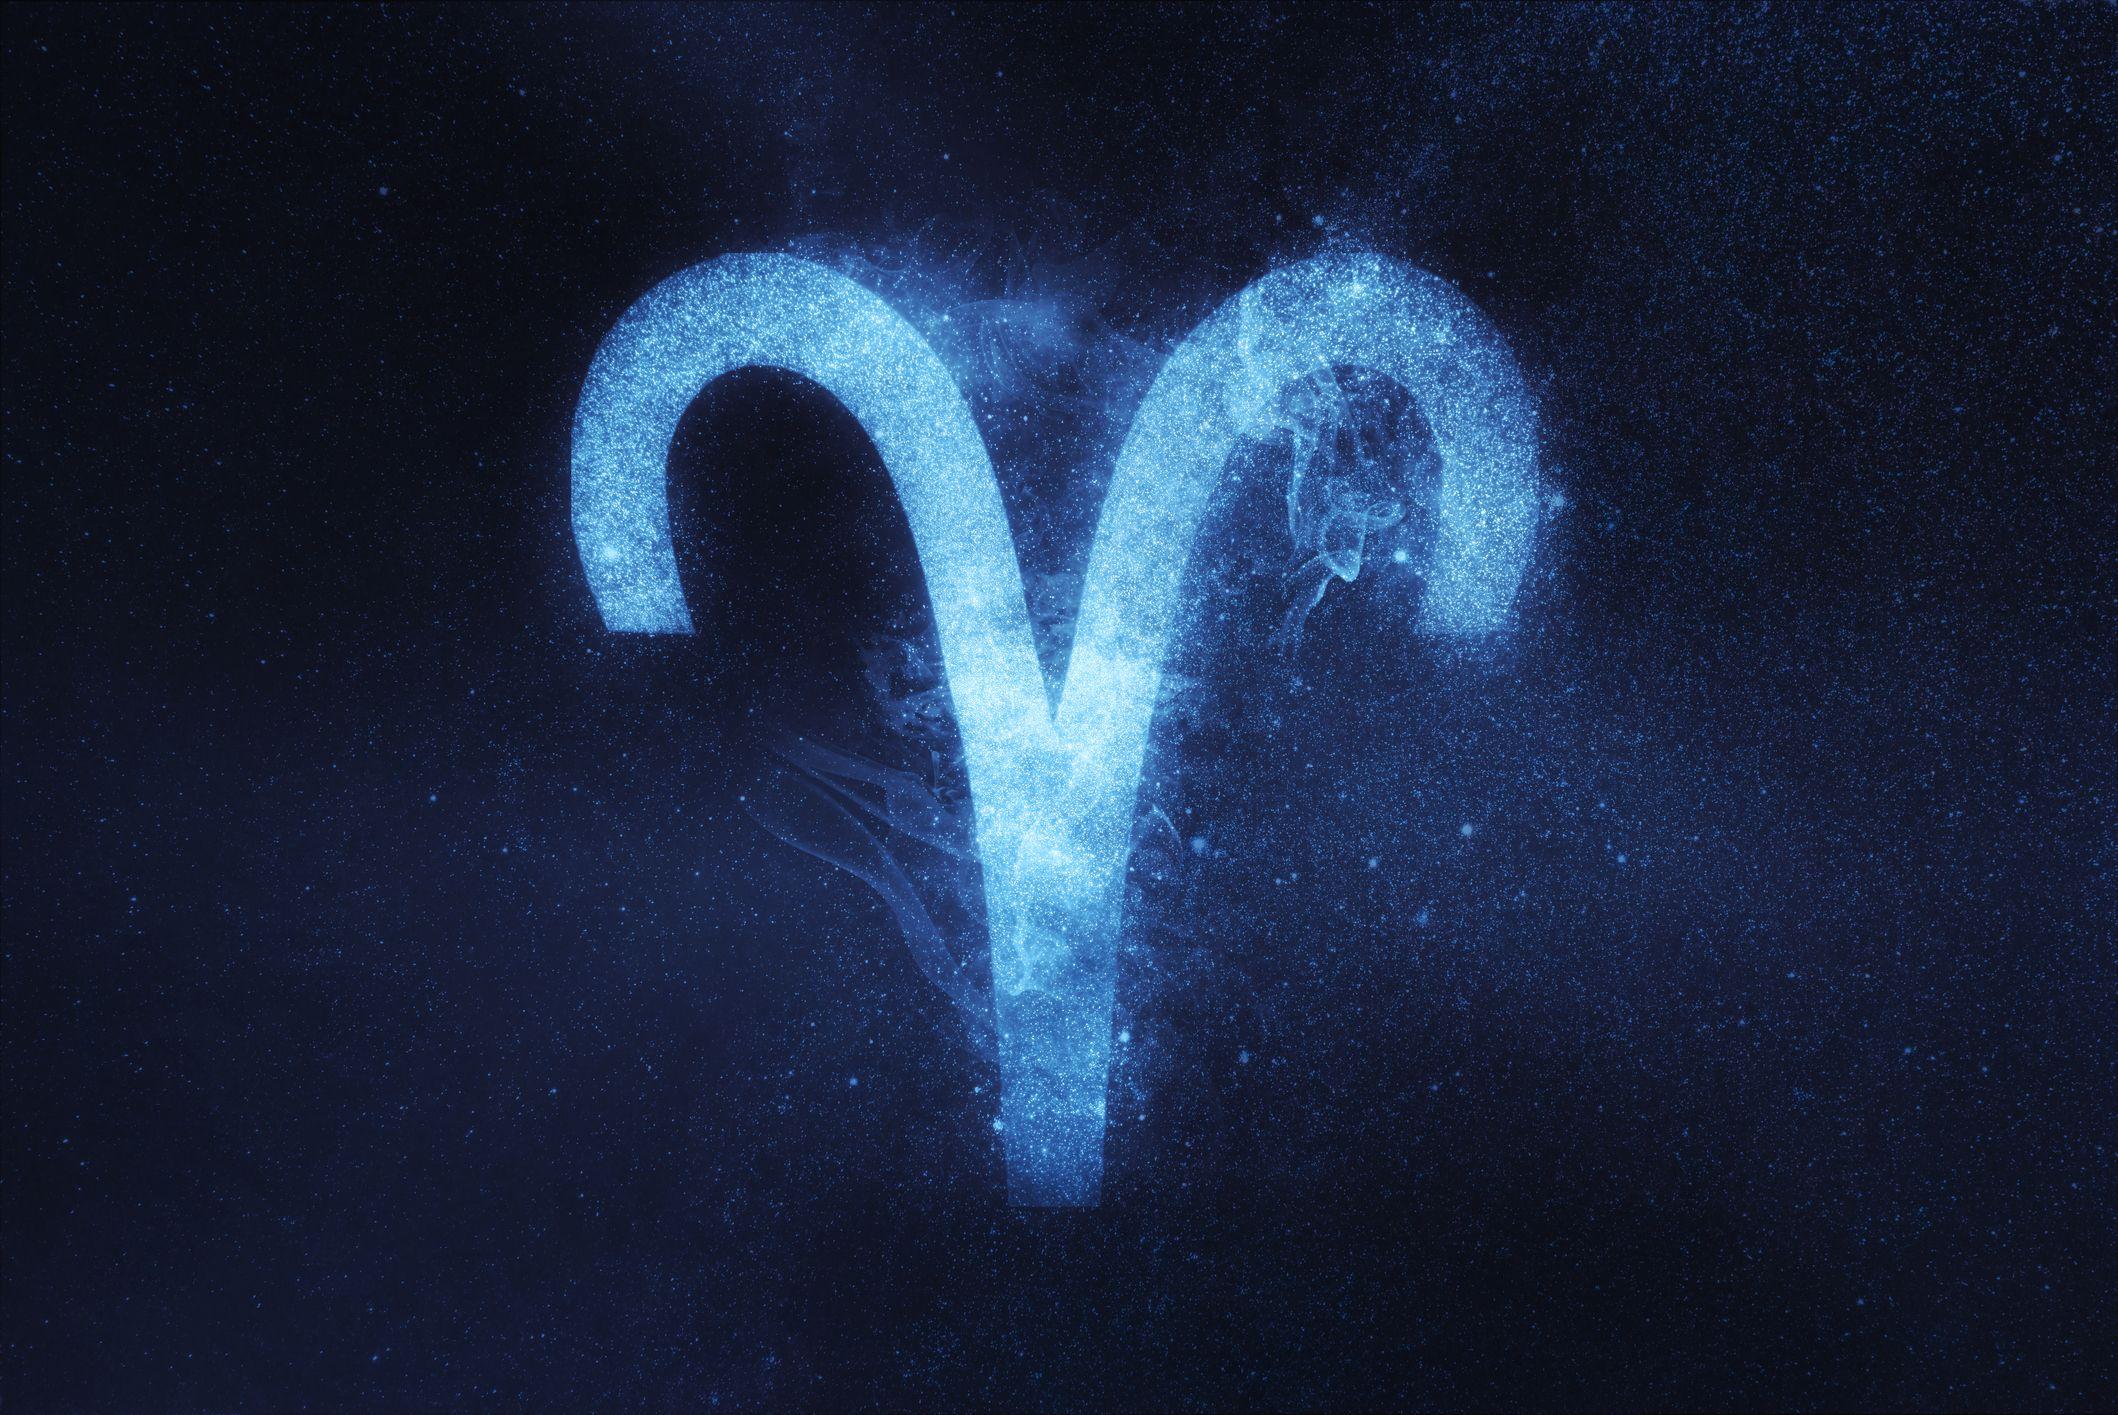 Horoscop Minerva 12-18 aprilie 2021 BERBEC